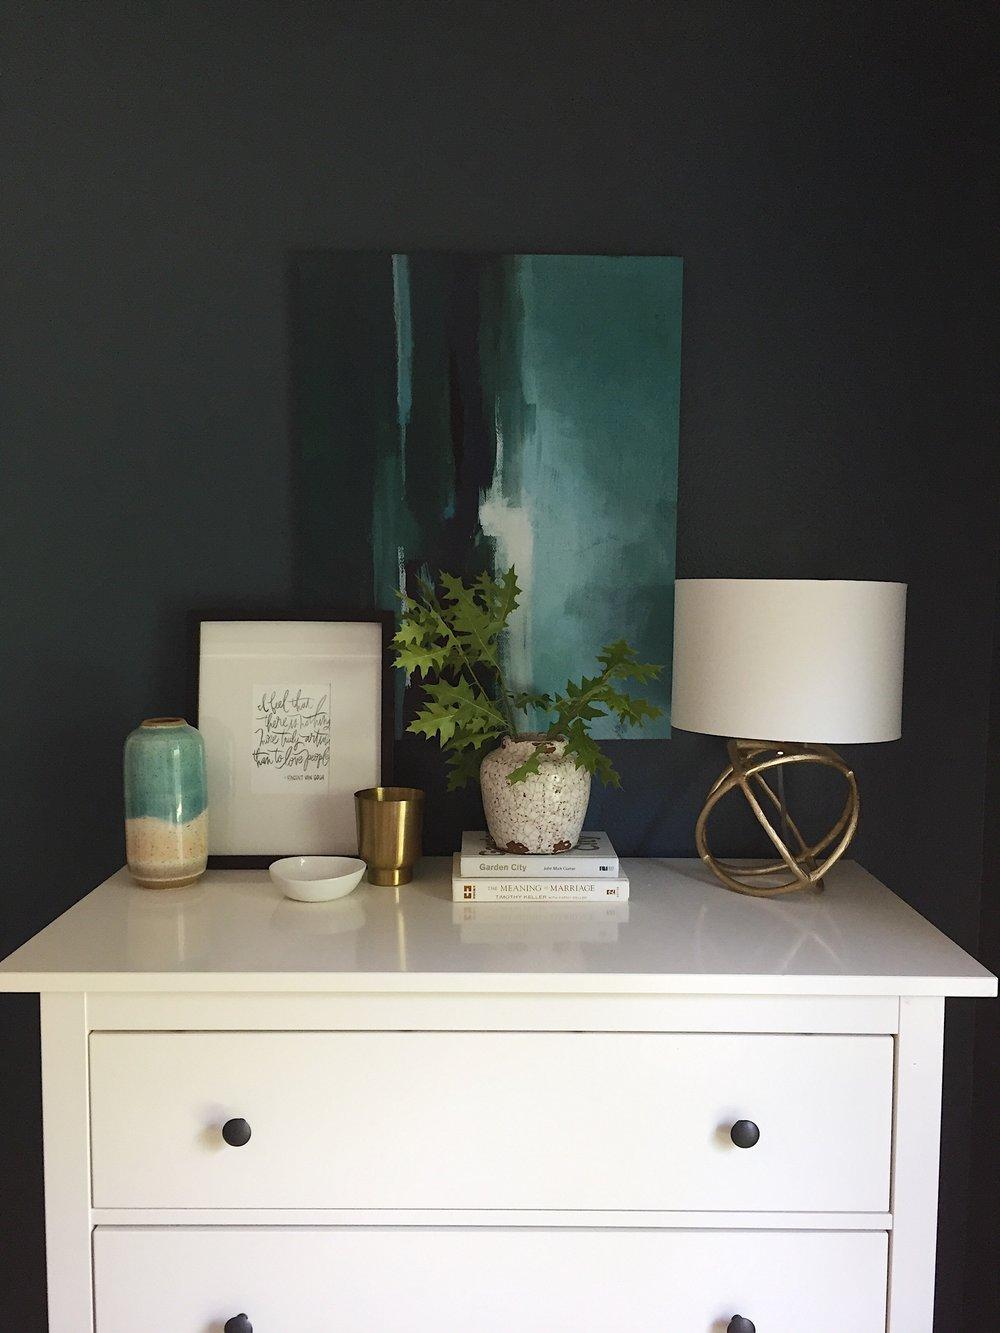 Dresser (similar), Vase, Frame, Candle, Vase, Lamp, Art